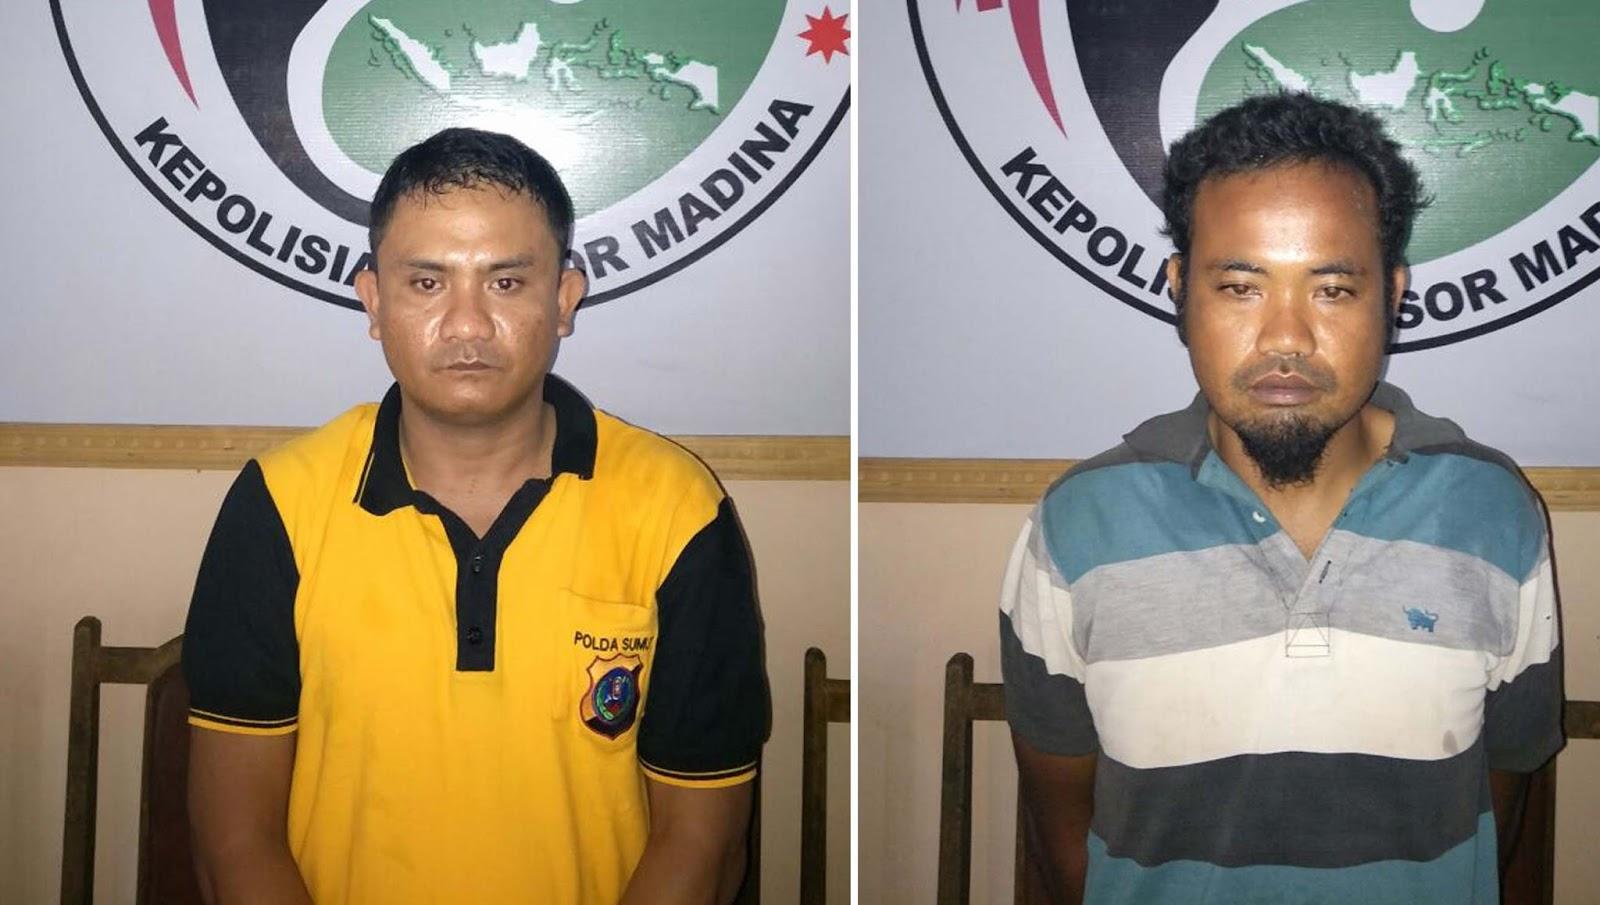 tersangka narkoba di Madina yang ditangkap polisi.